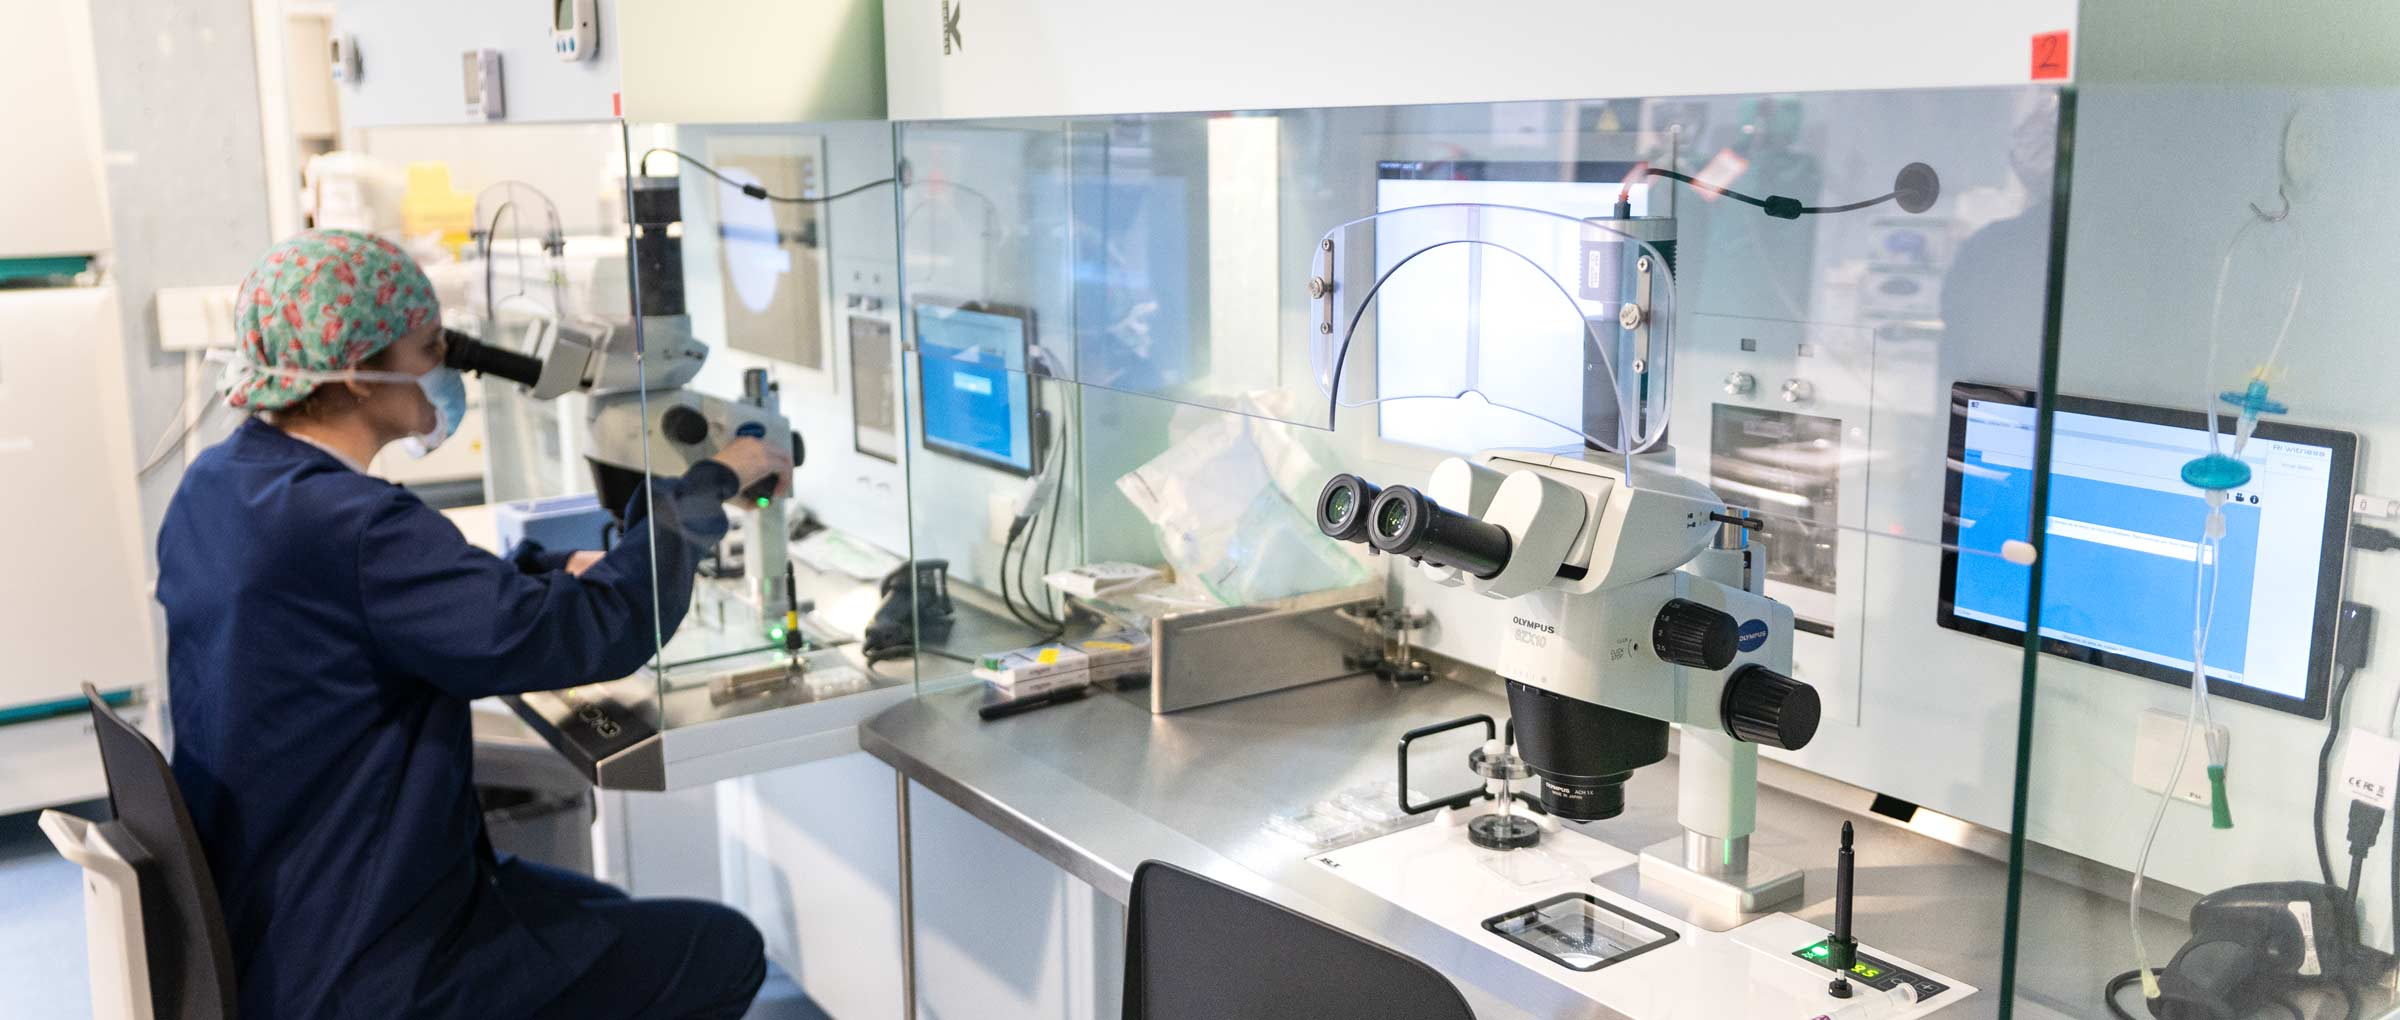 Laboratorio de FIV de la clínica Tambre